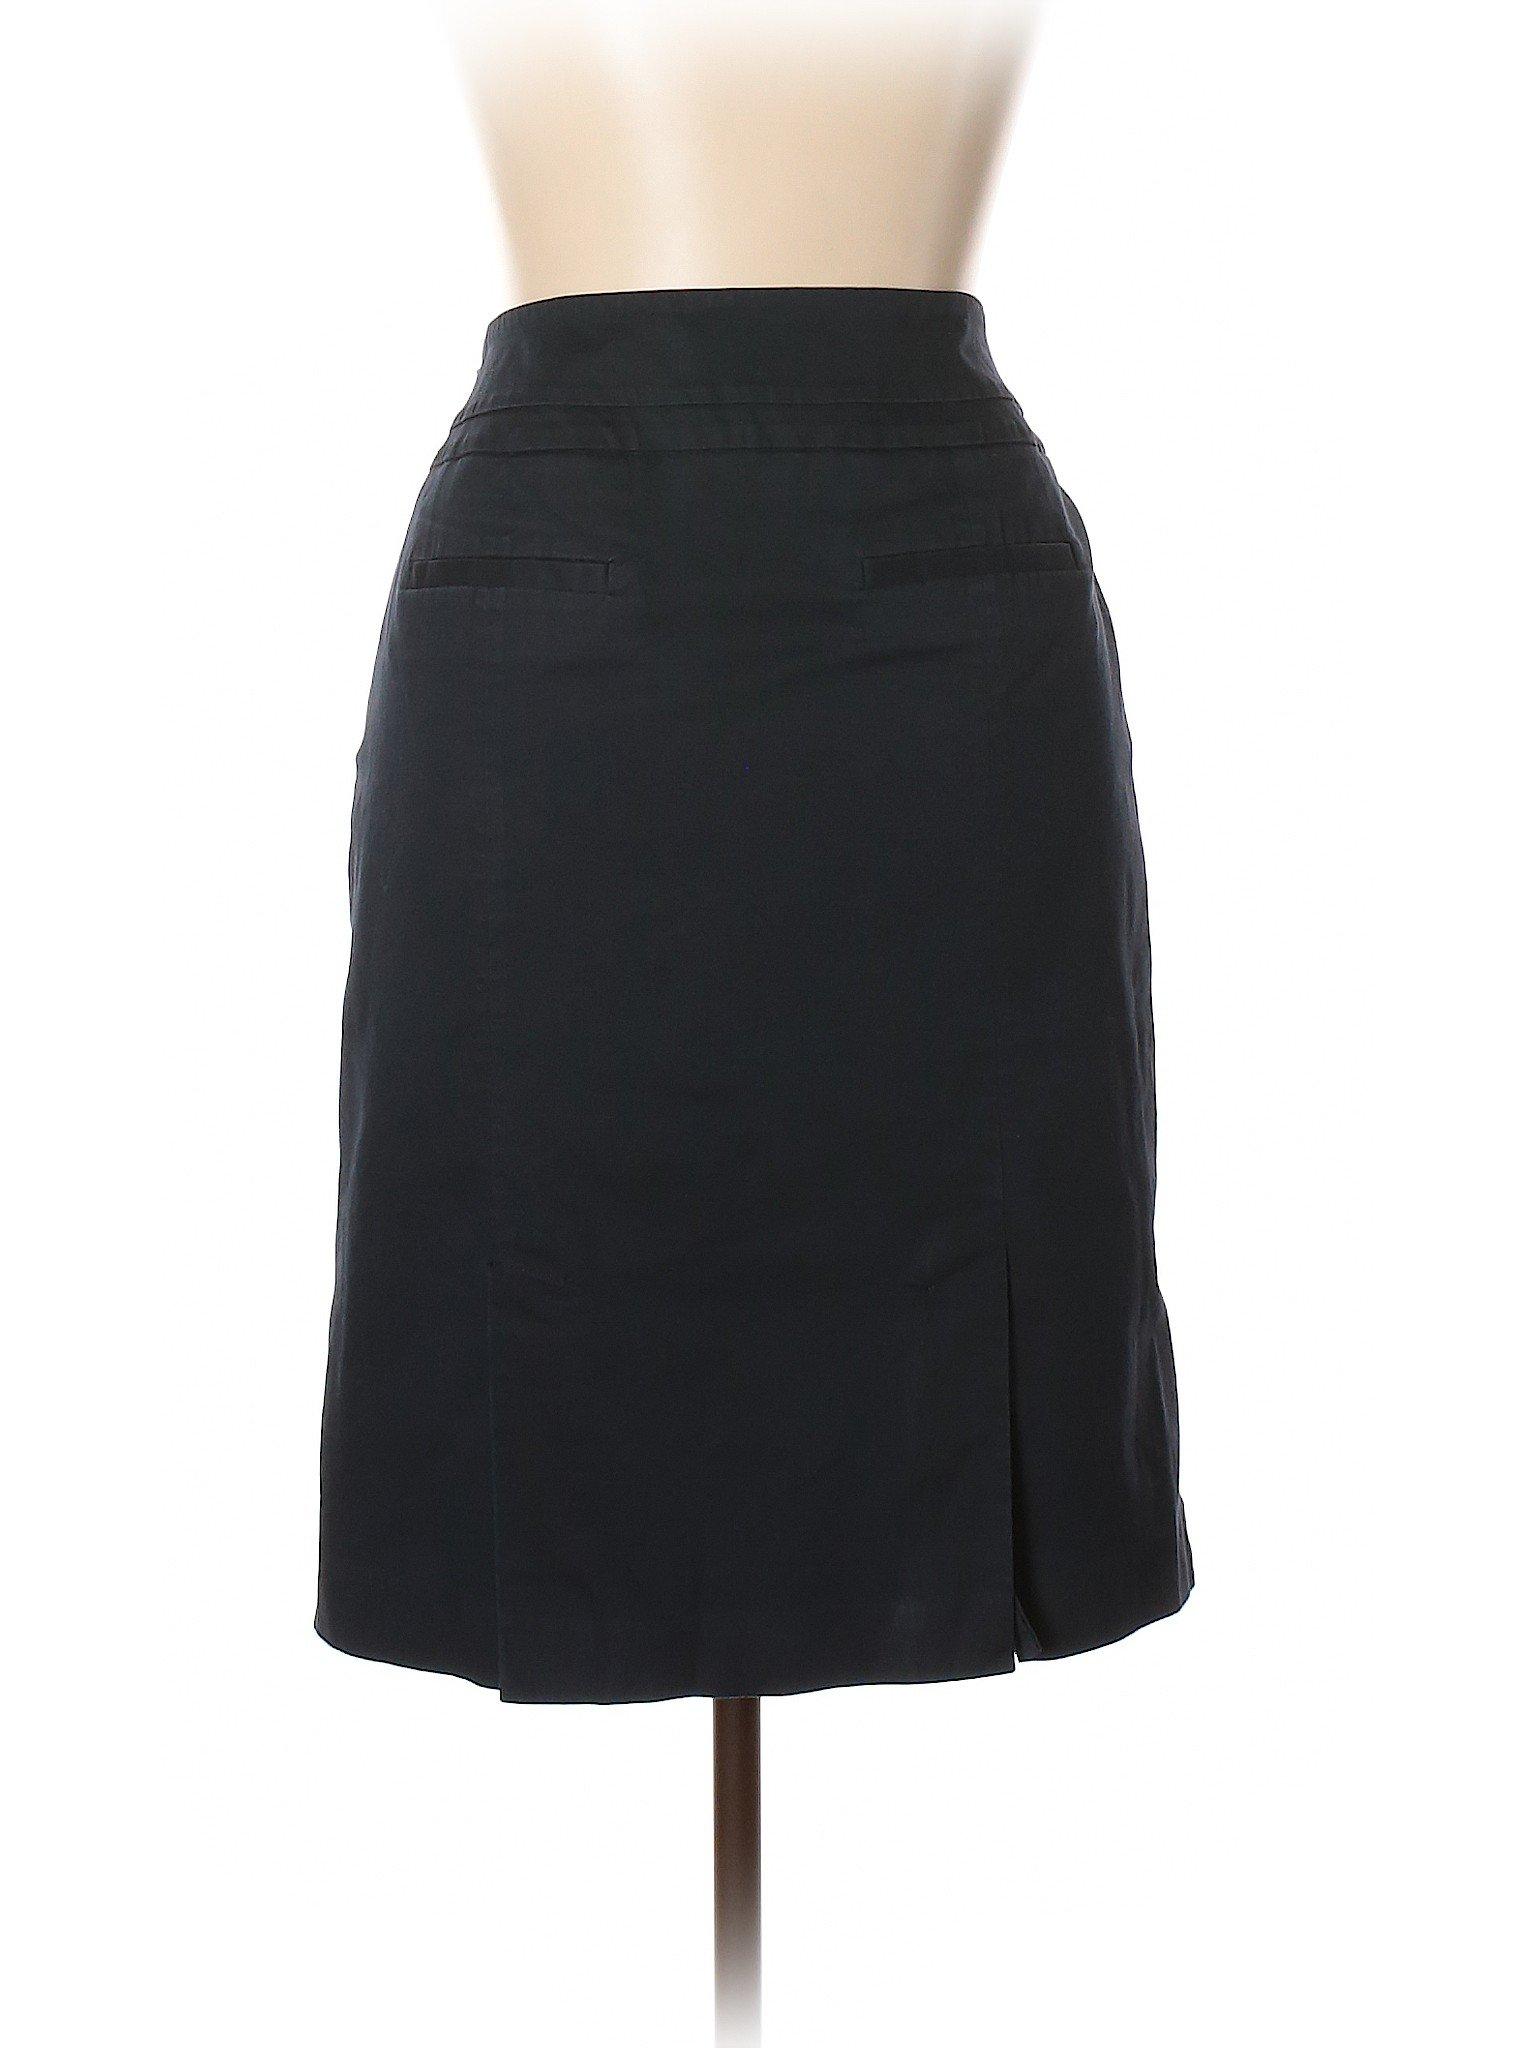 Boutique Casual Boutique Skirt Boutique Casual Boutique Casual Boutique Skirt Skirt Casual Skirt Casual 6vnT6